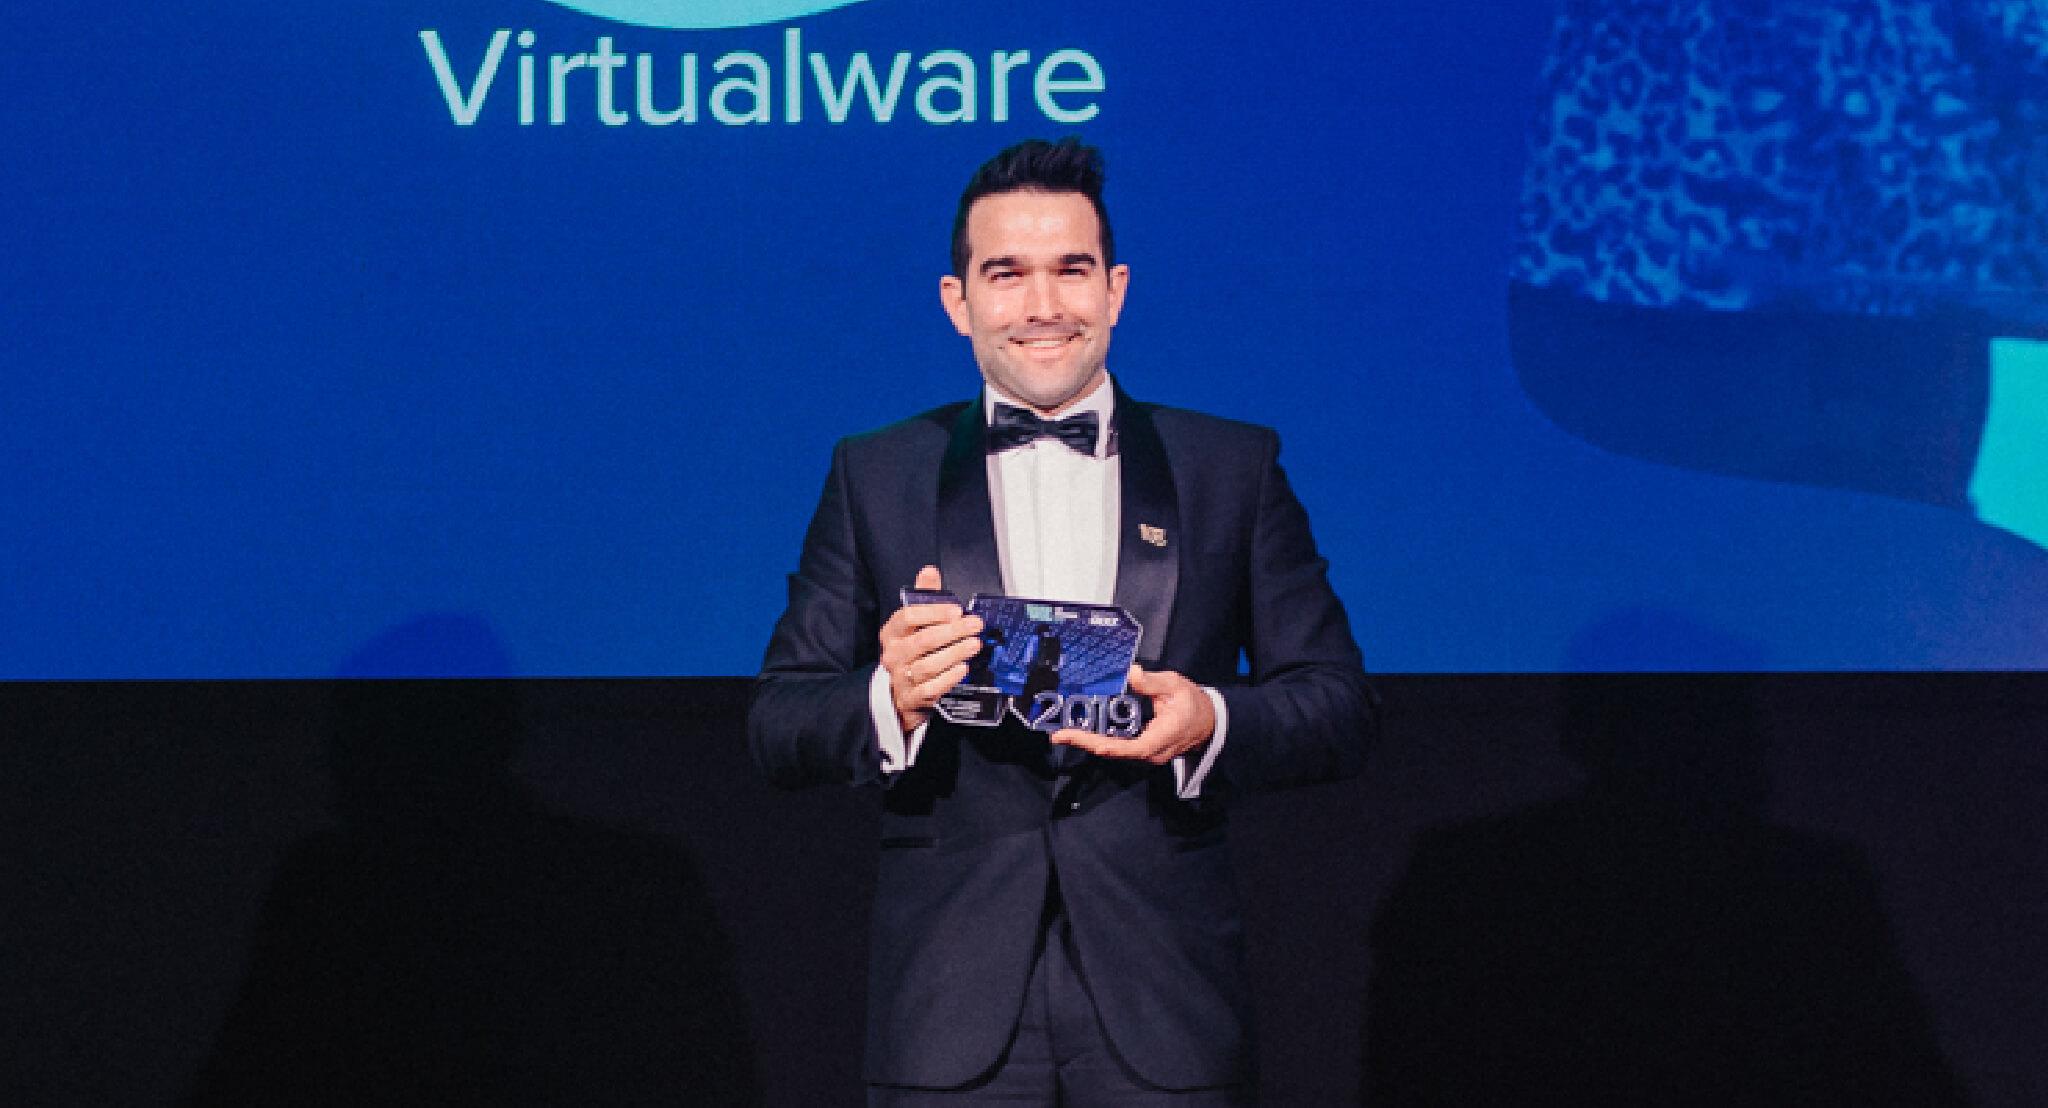 2019 VR Enterprise Solution of the Year Winner